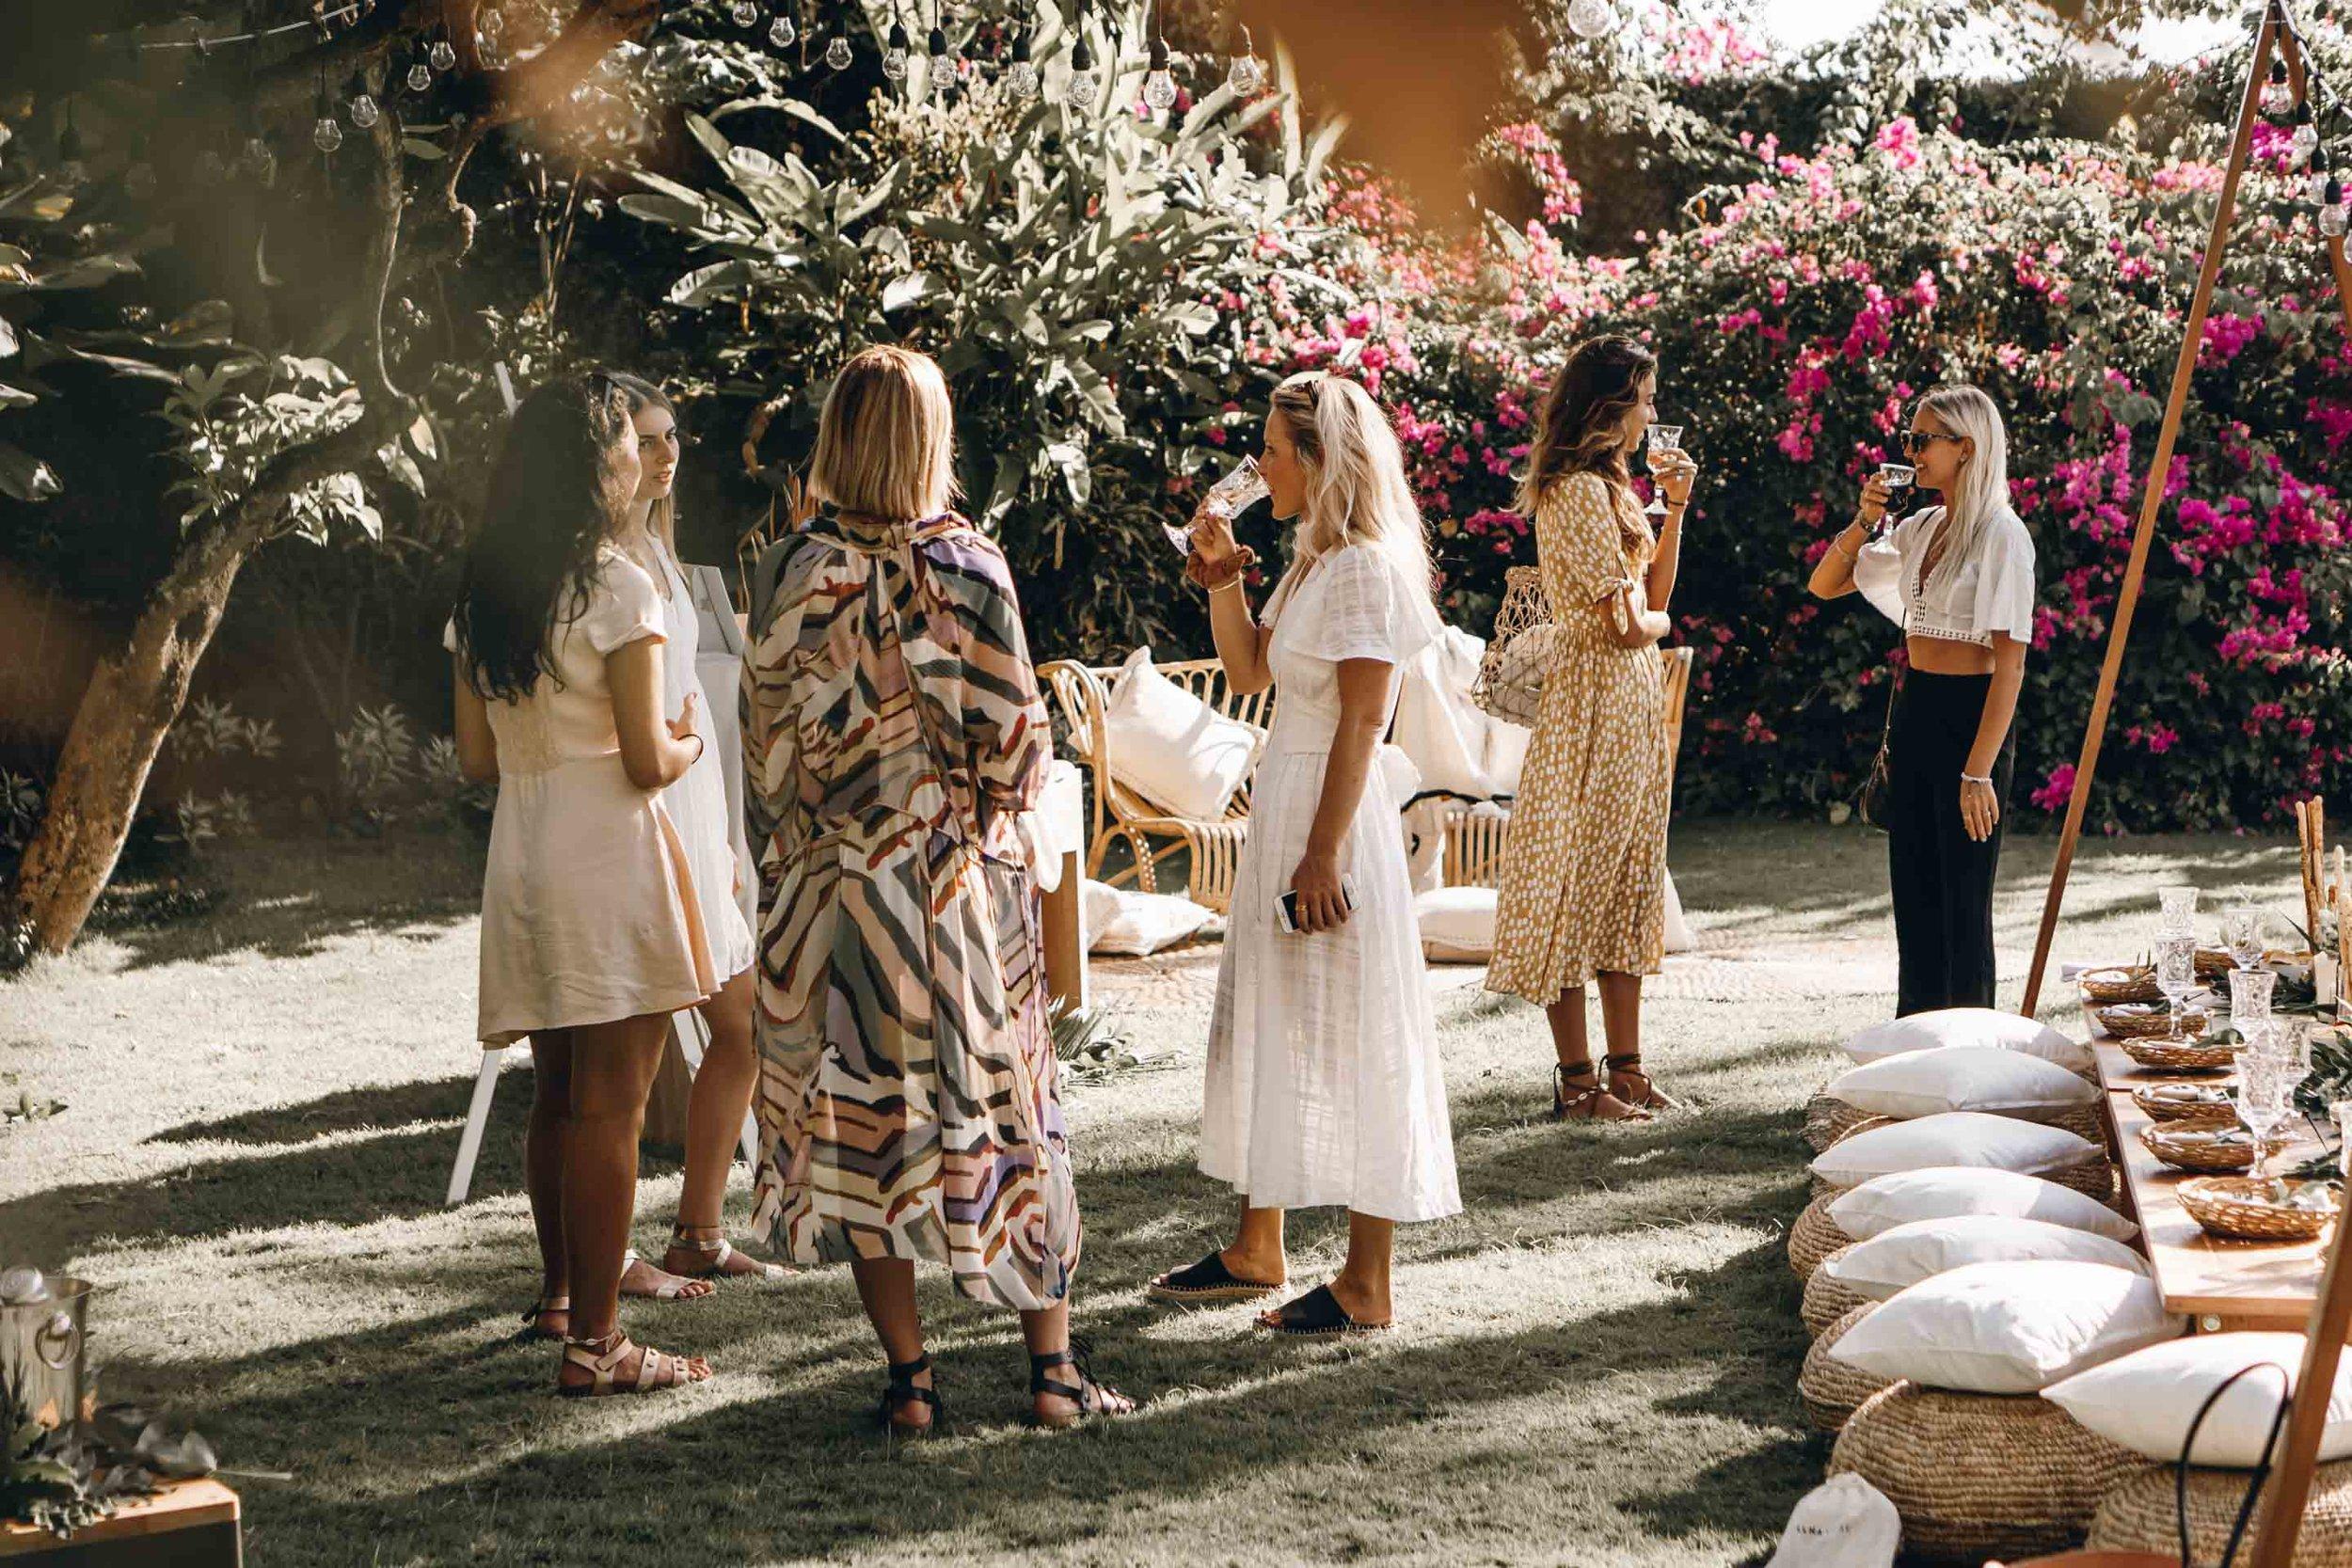 keira-mason-la-luna-rose-boho-garden-party-event.jpg